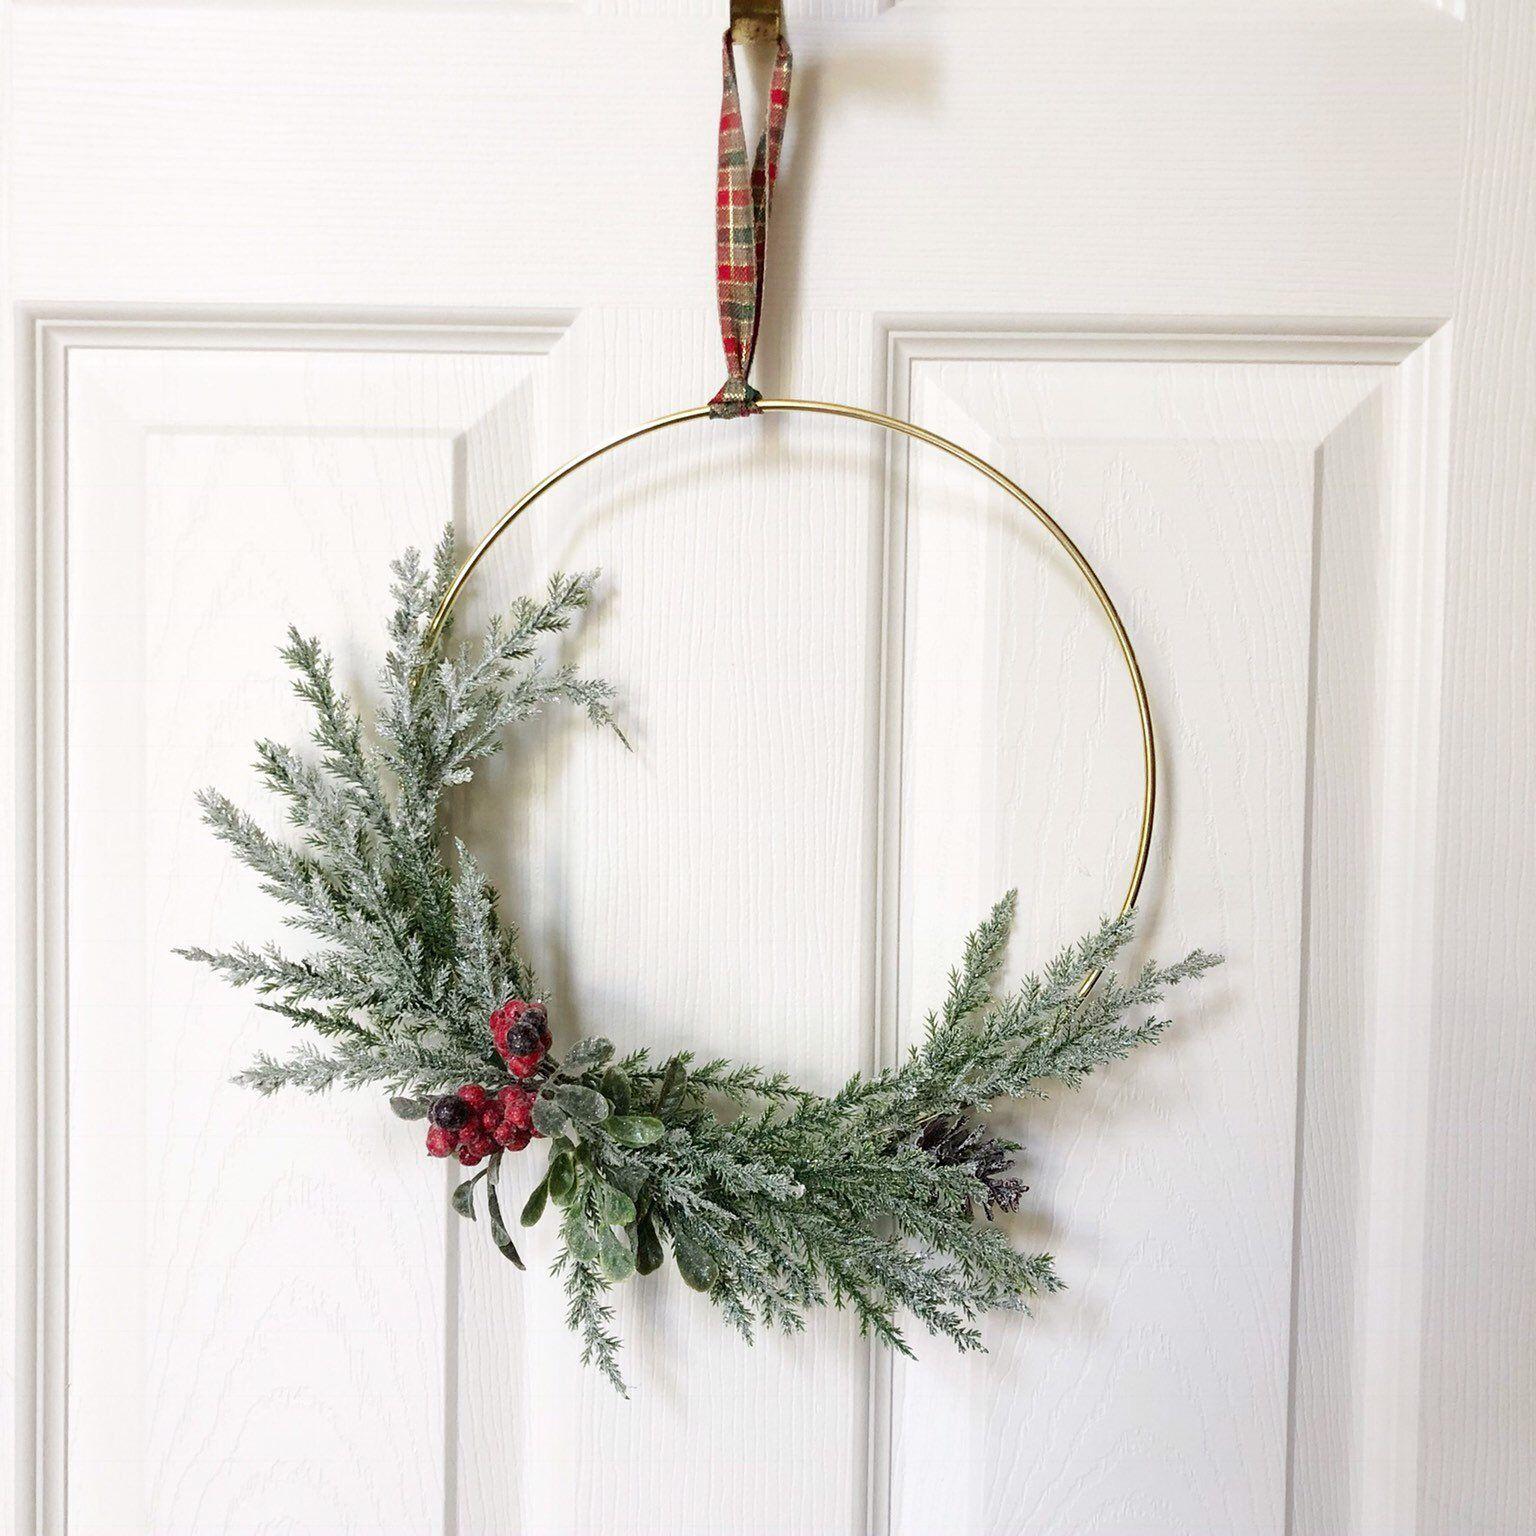 """Photo of 10 """"Christmas Hoop Wreath, Hoop Wreath, Christmas Wreath, Holly Wreath, Holyday Decor, Modern Style Wreath, Christmas Modern Wreath"""